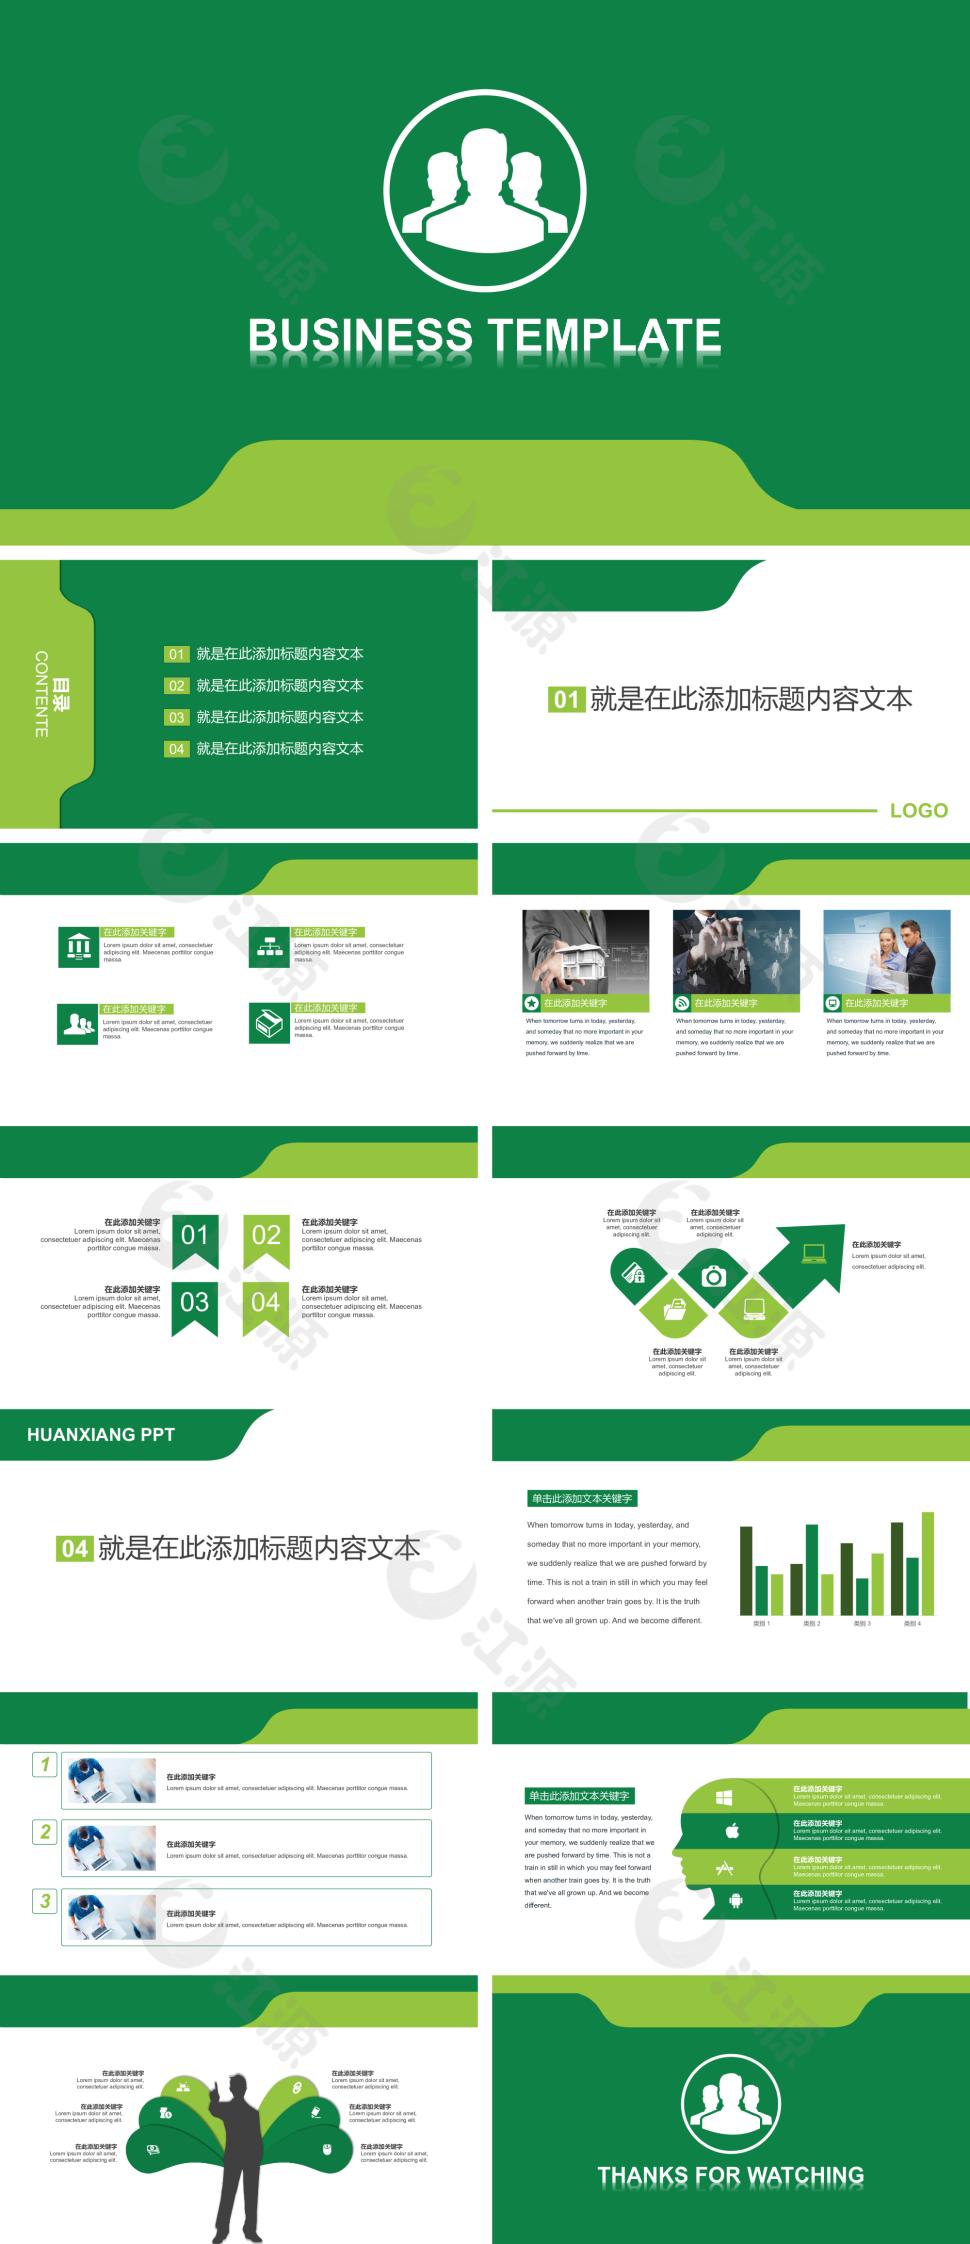 简约绿色PPT模板